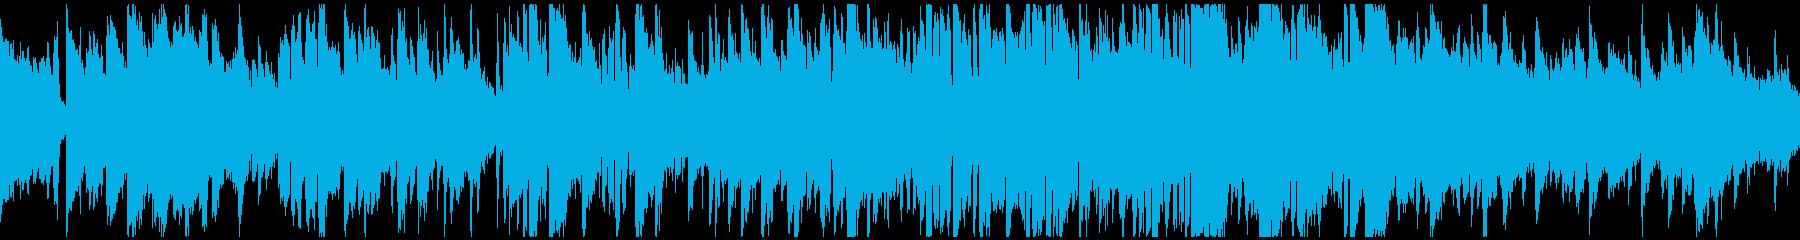 静かな波のようなボサノバ ※ループ仕様版の再生済みの波形